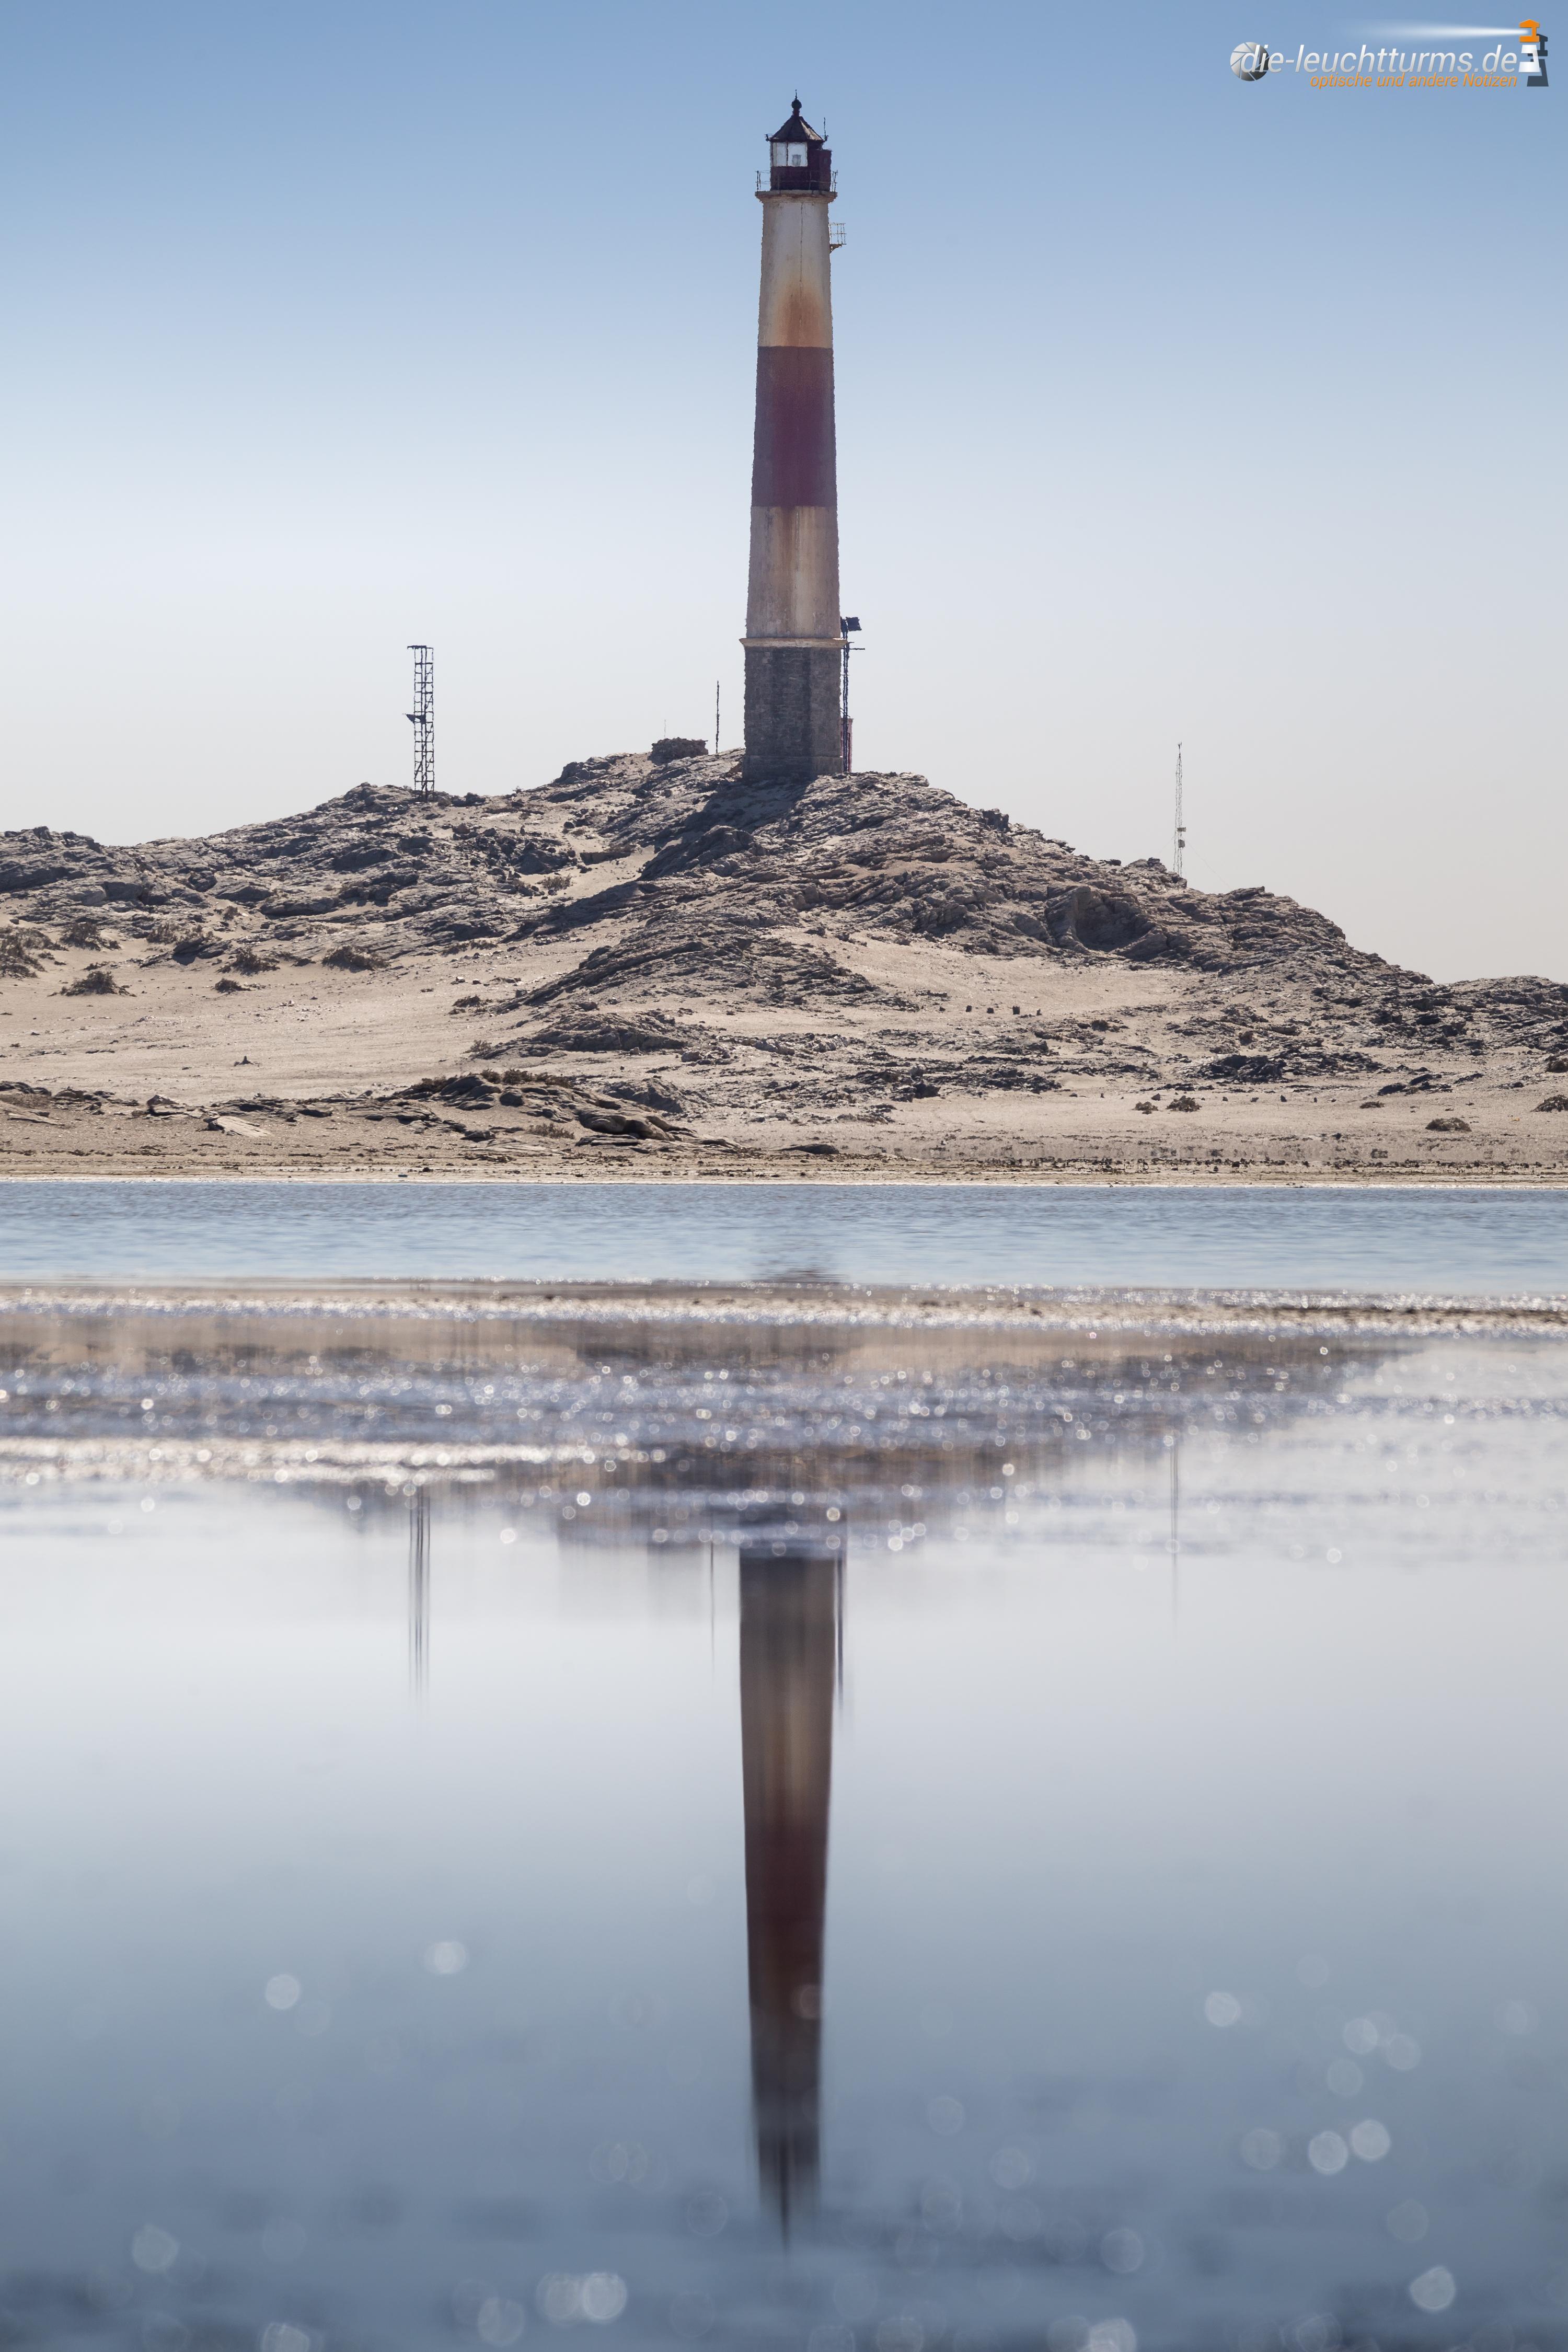 Lighthouse on Diaz Point